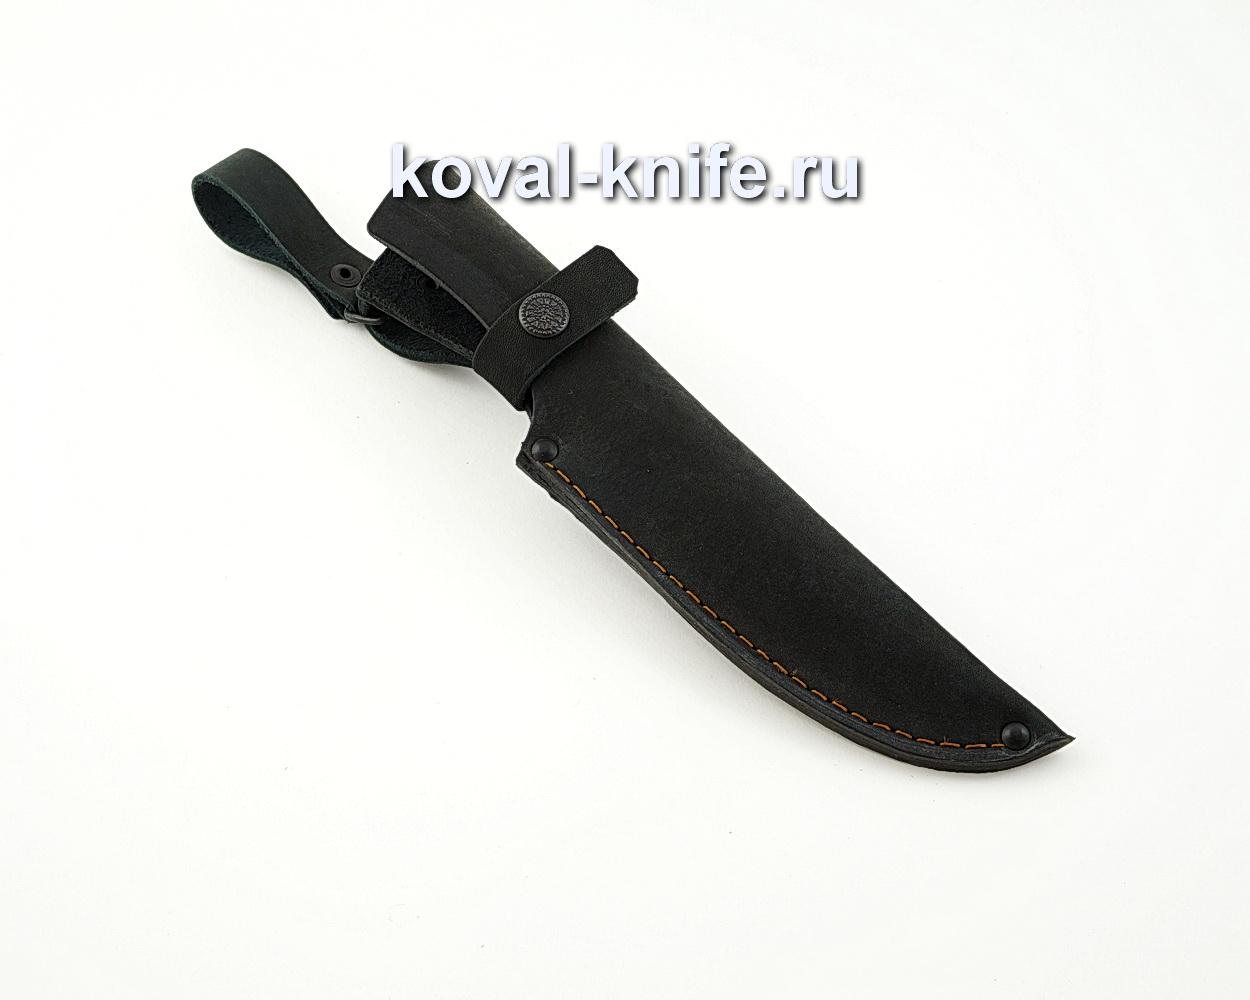 Кожаный чехол (нож Пират)